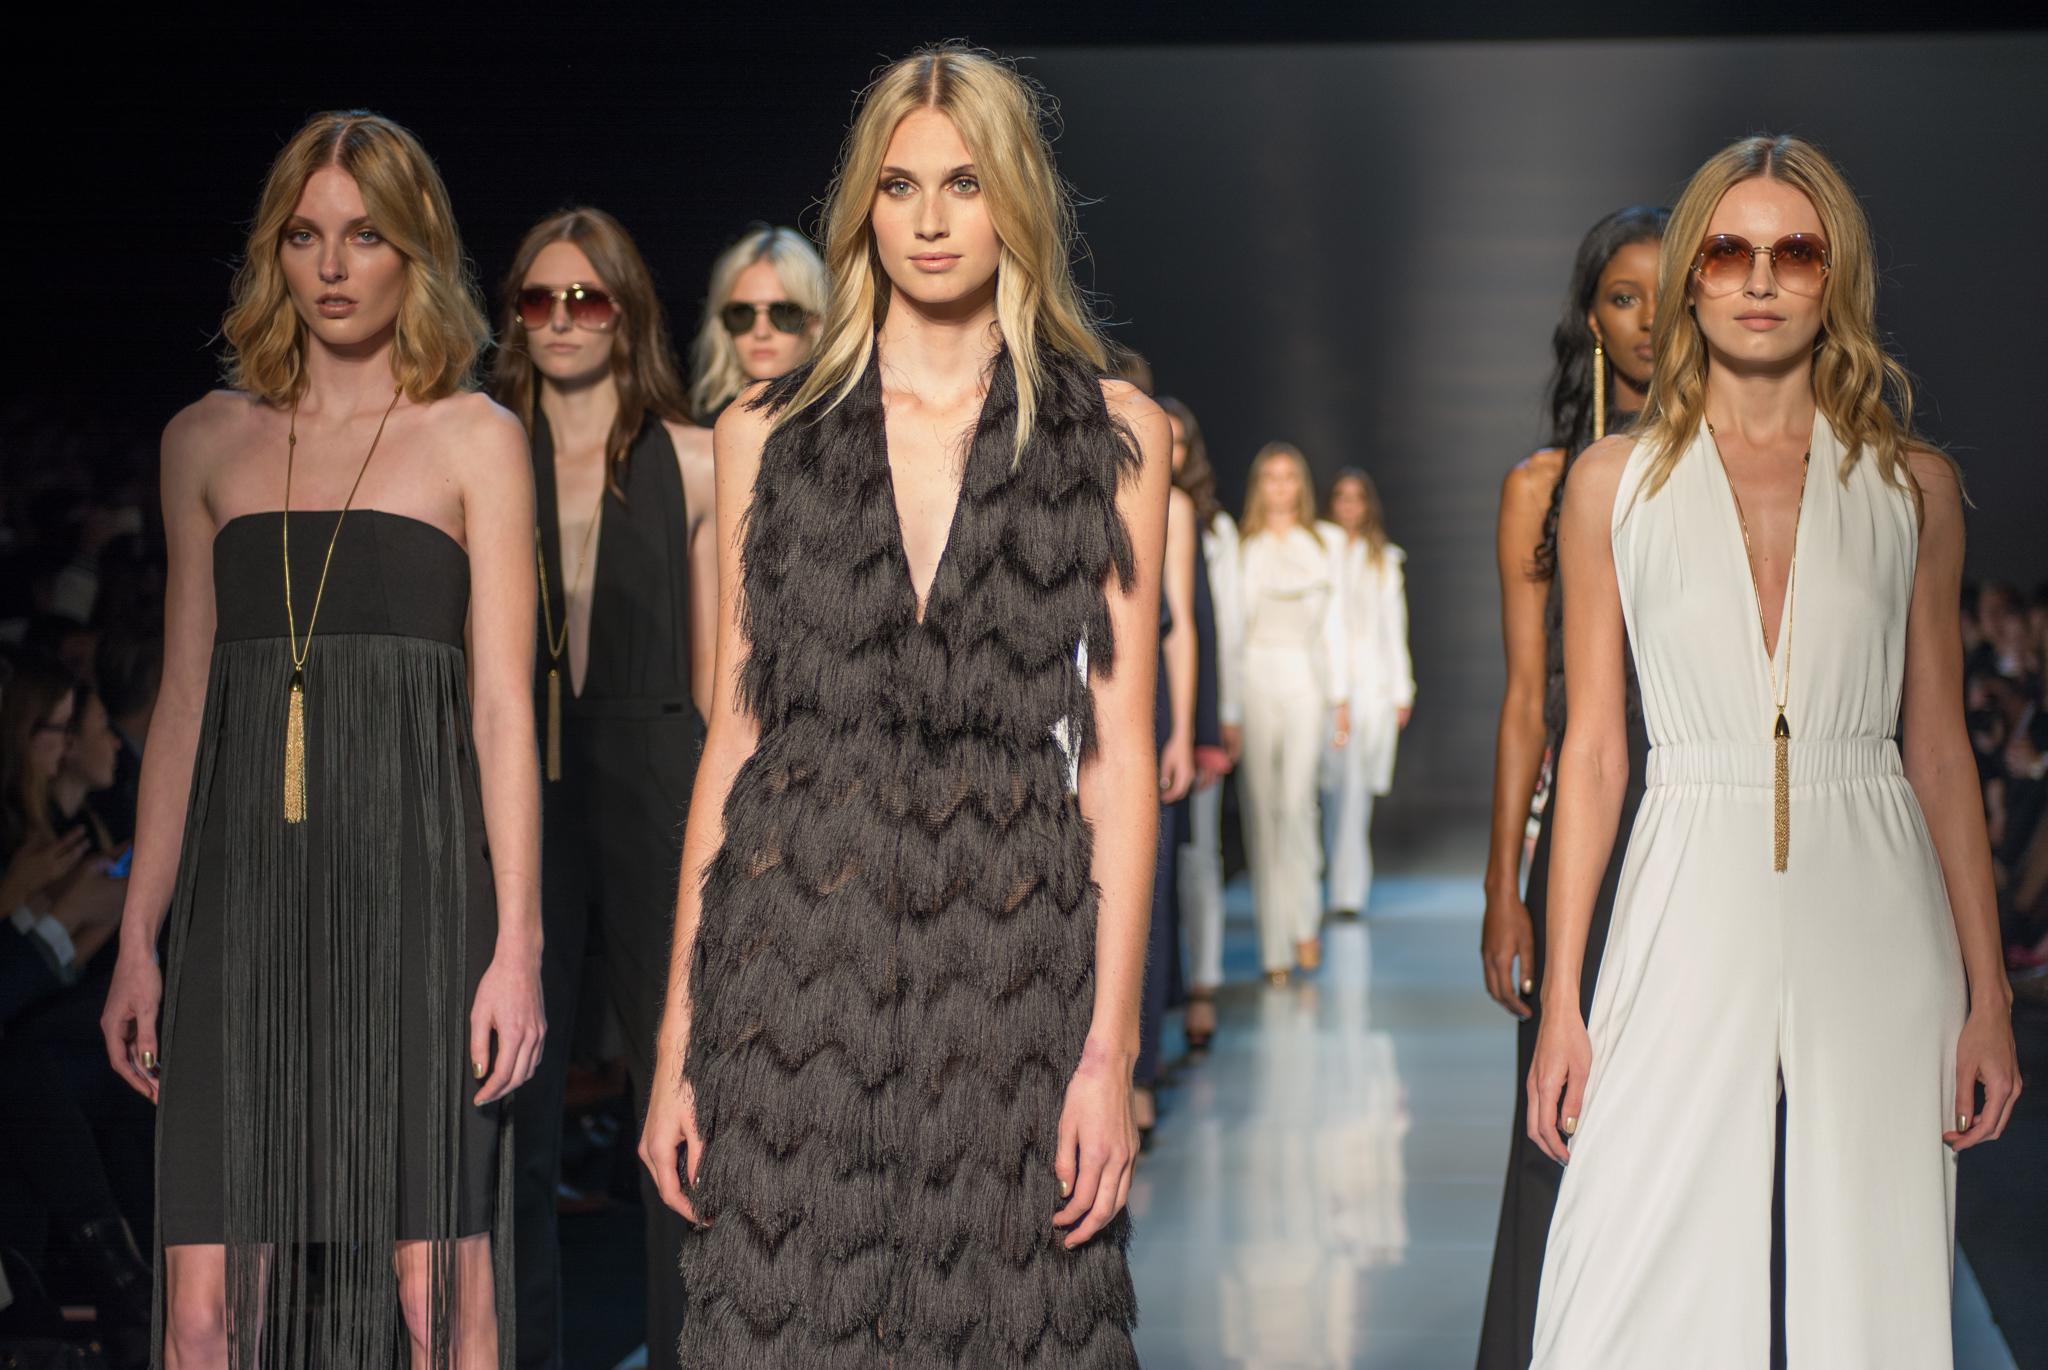 Mannequin Fashion Show Vs